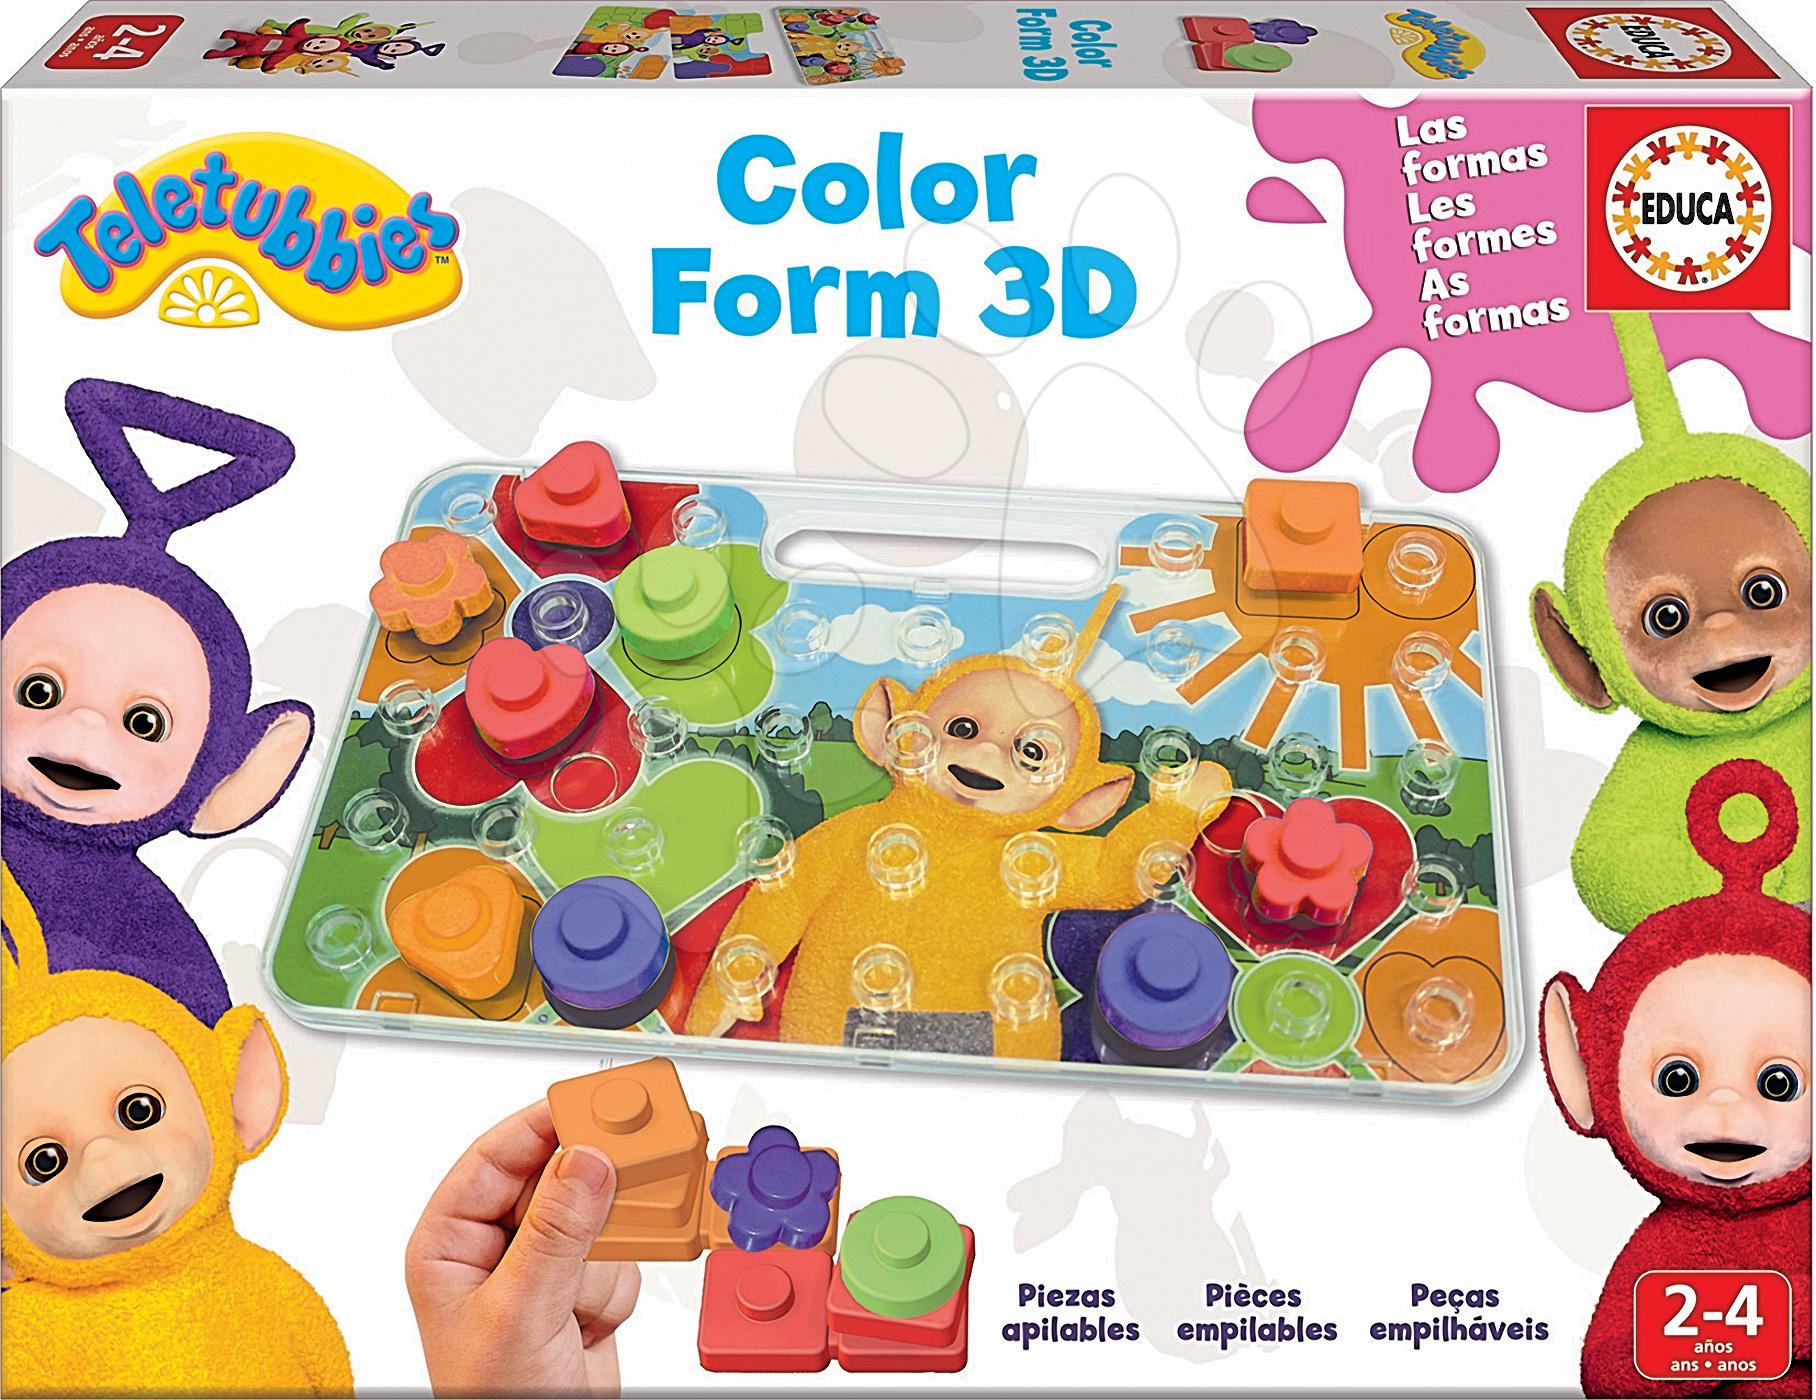 Puzzle Učíme se barvy a tvary Teletubbies 3D Educa 3D skládačka s kostakami od 24 měsíců